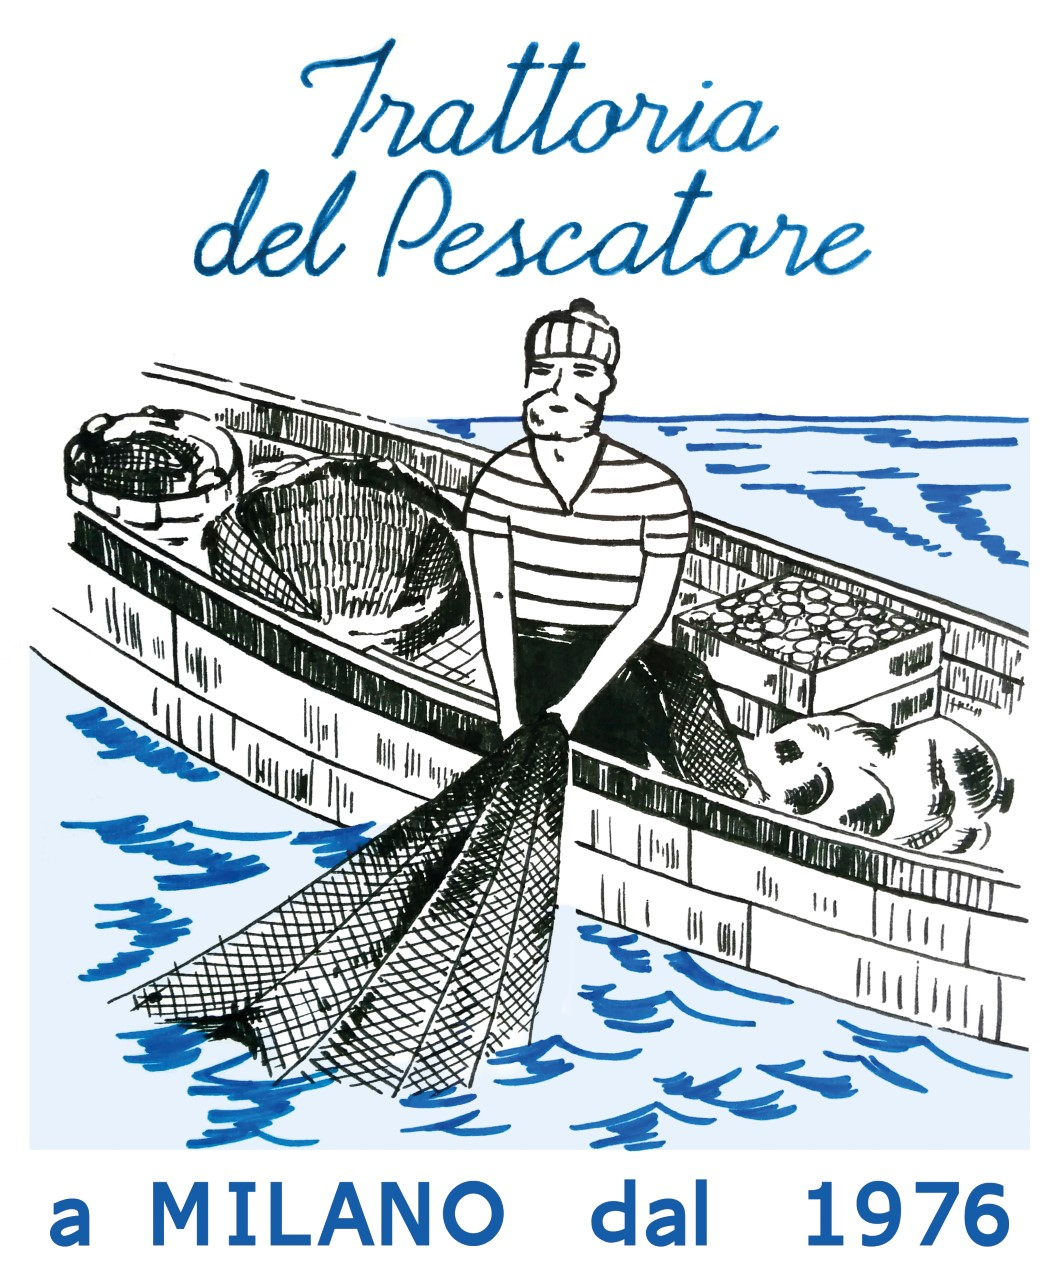 Trattoria del Pescatore - MarchioRegistrato.jpg